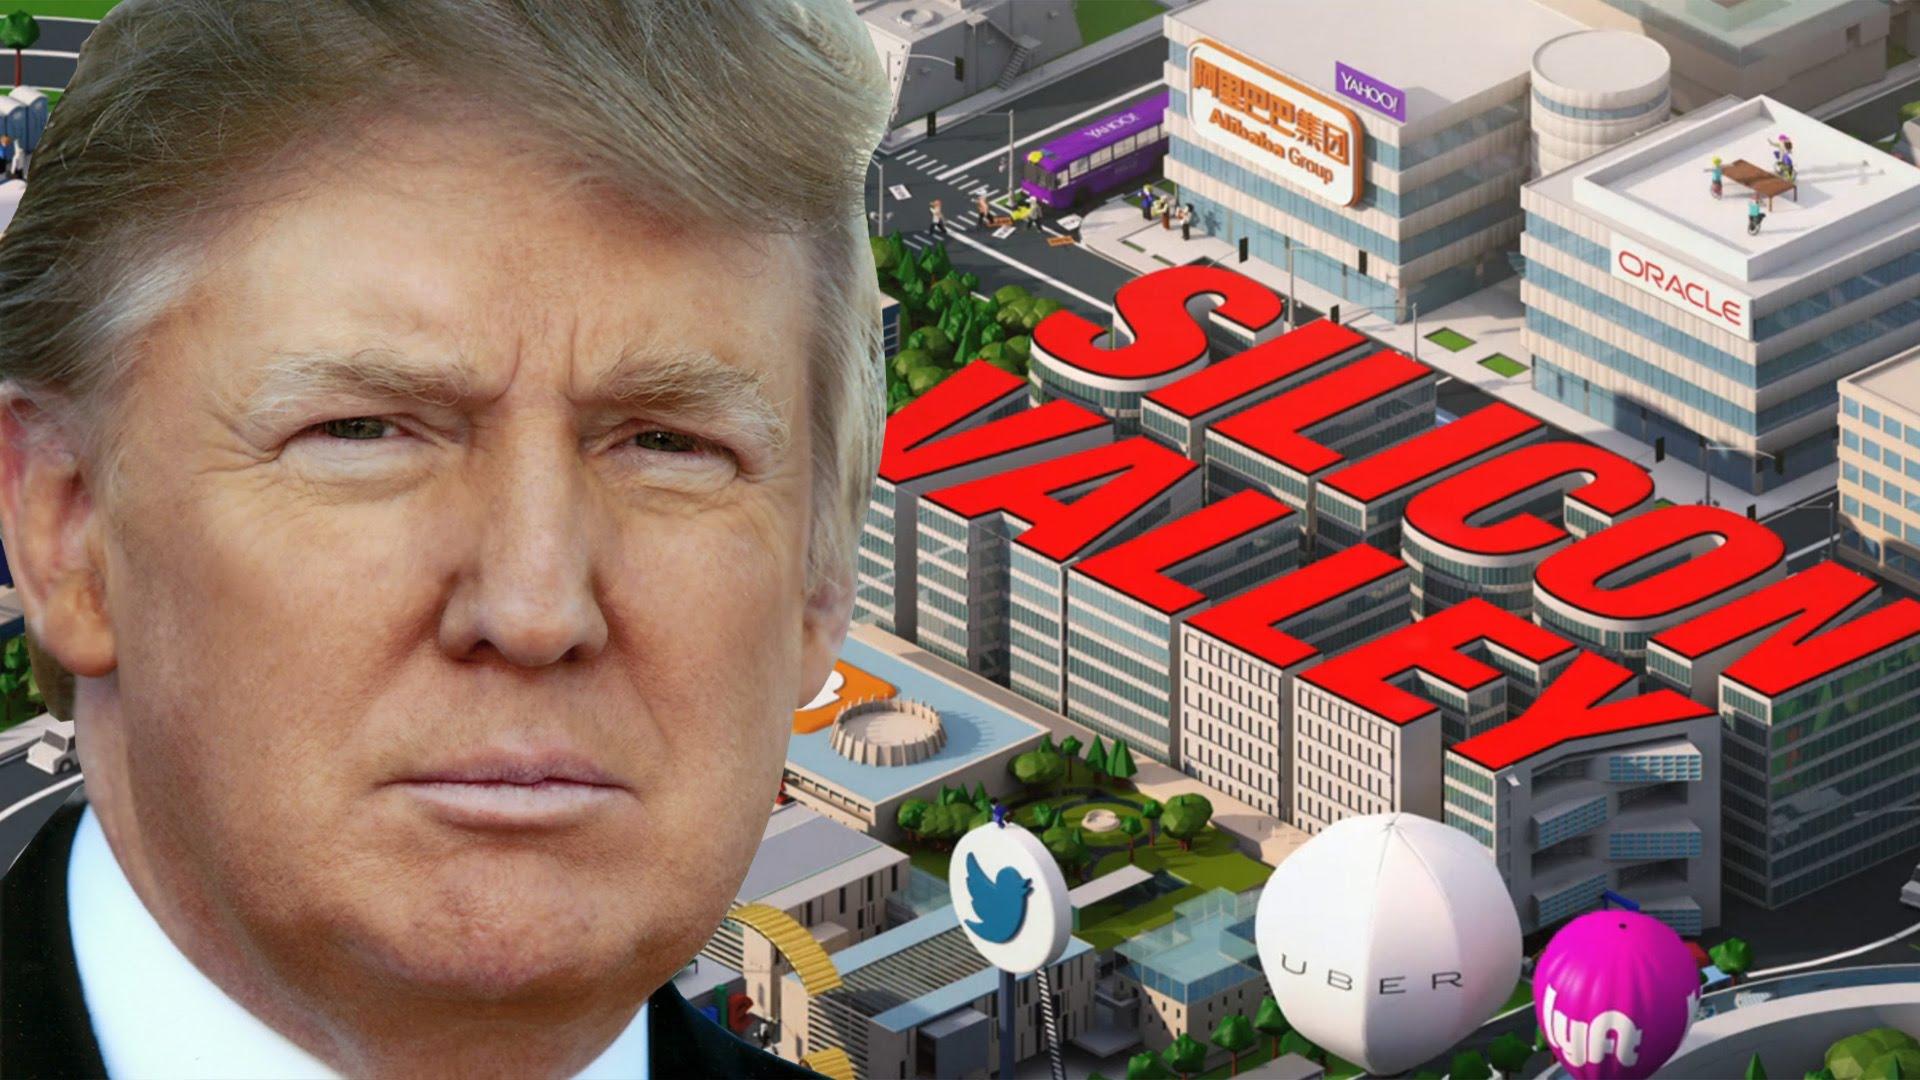 Apple, Google, Microsoft, Facebook, Uber s'unissent pour écrire à Donald Trump